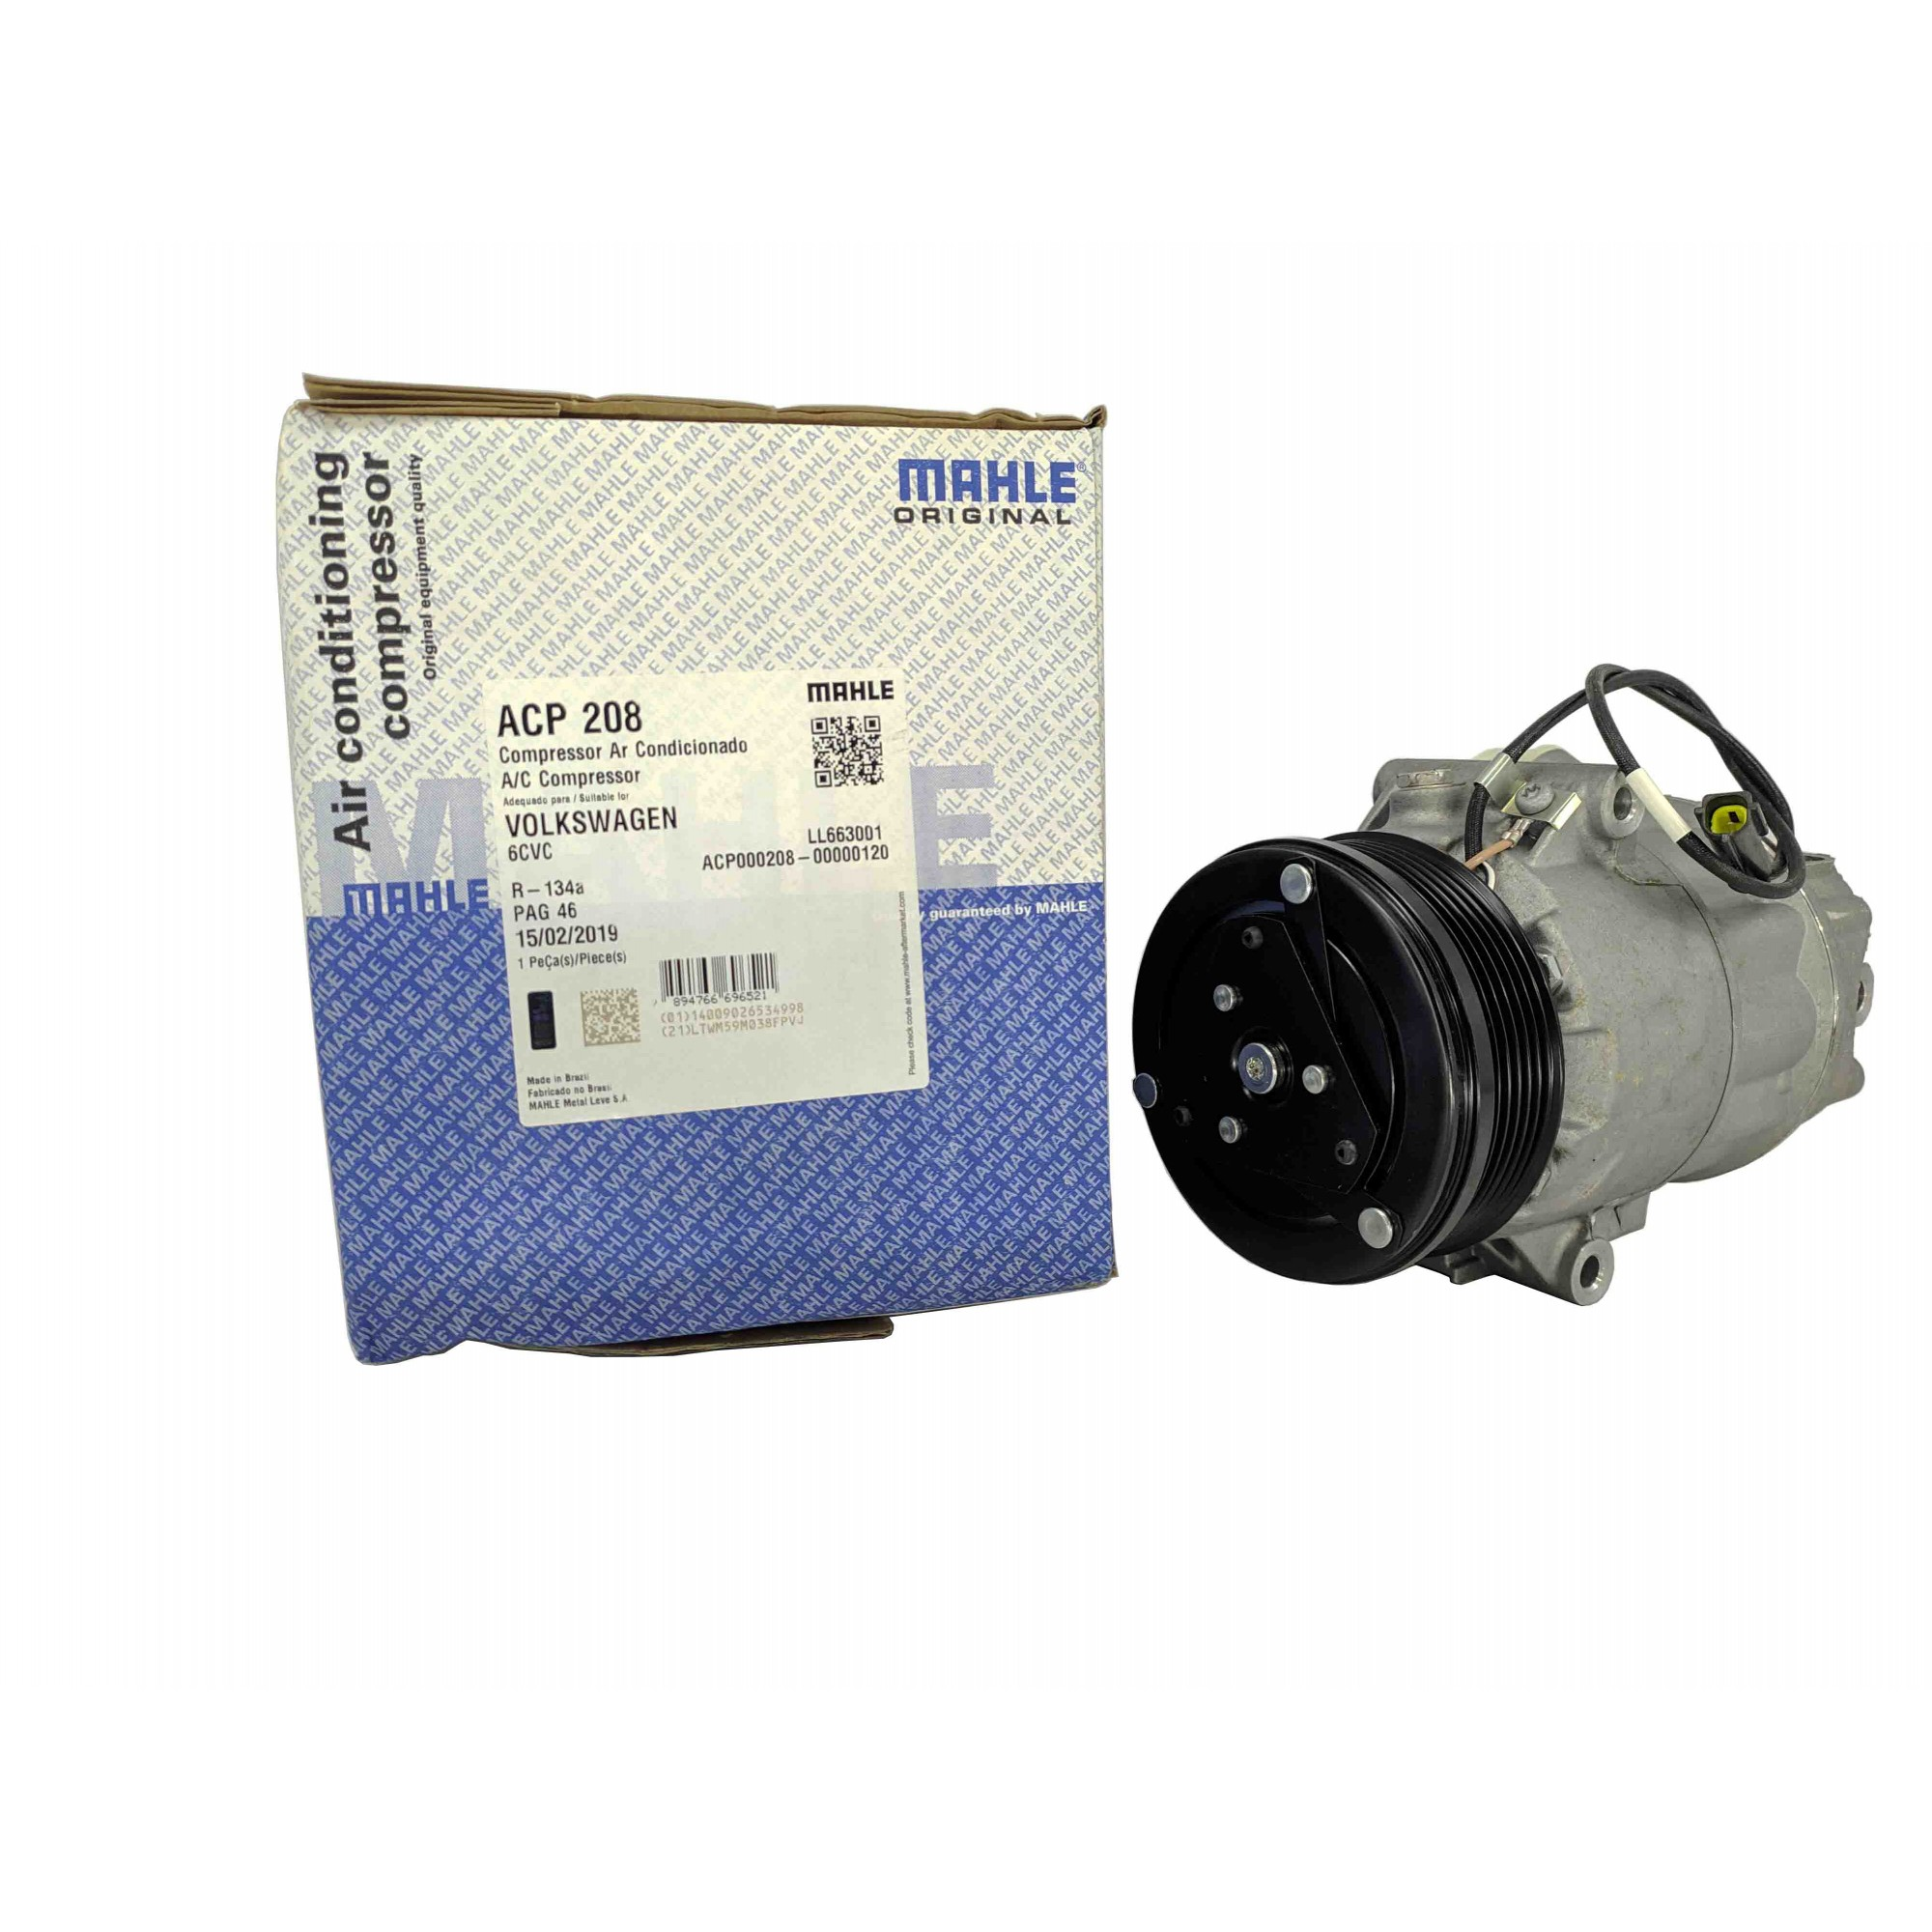 Compressor Gol / Parati / Saveiro G3 / G4  1.6 e 1.8 - Original MAHLE